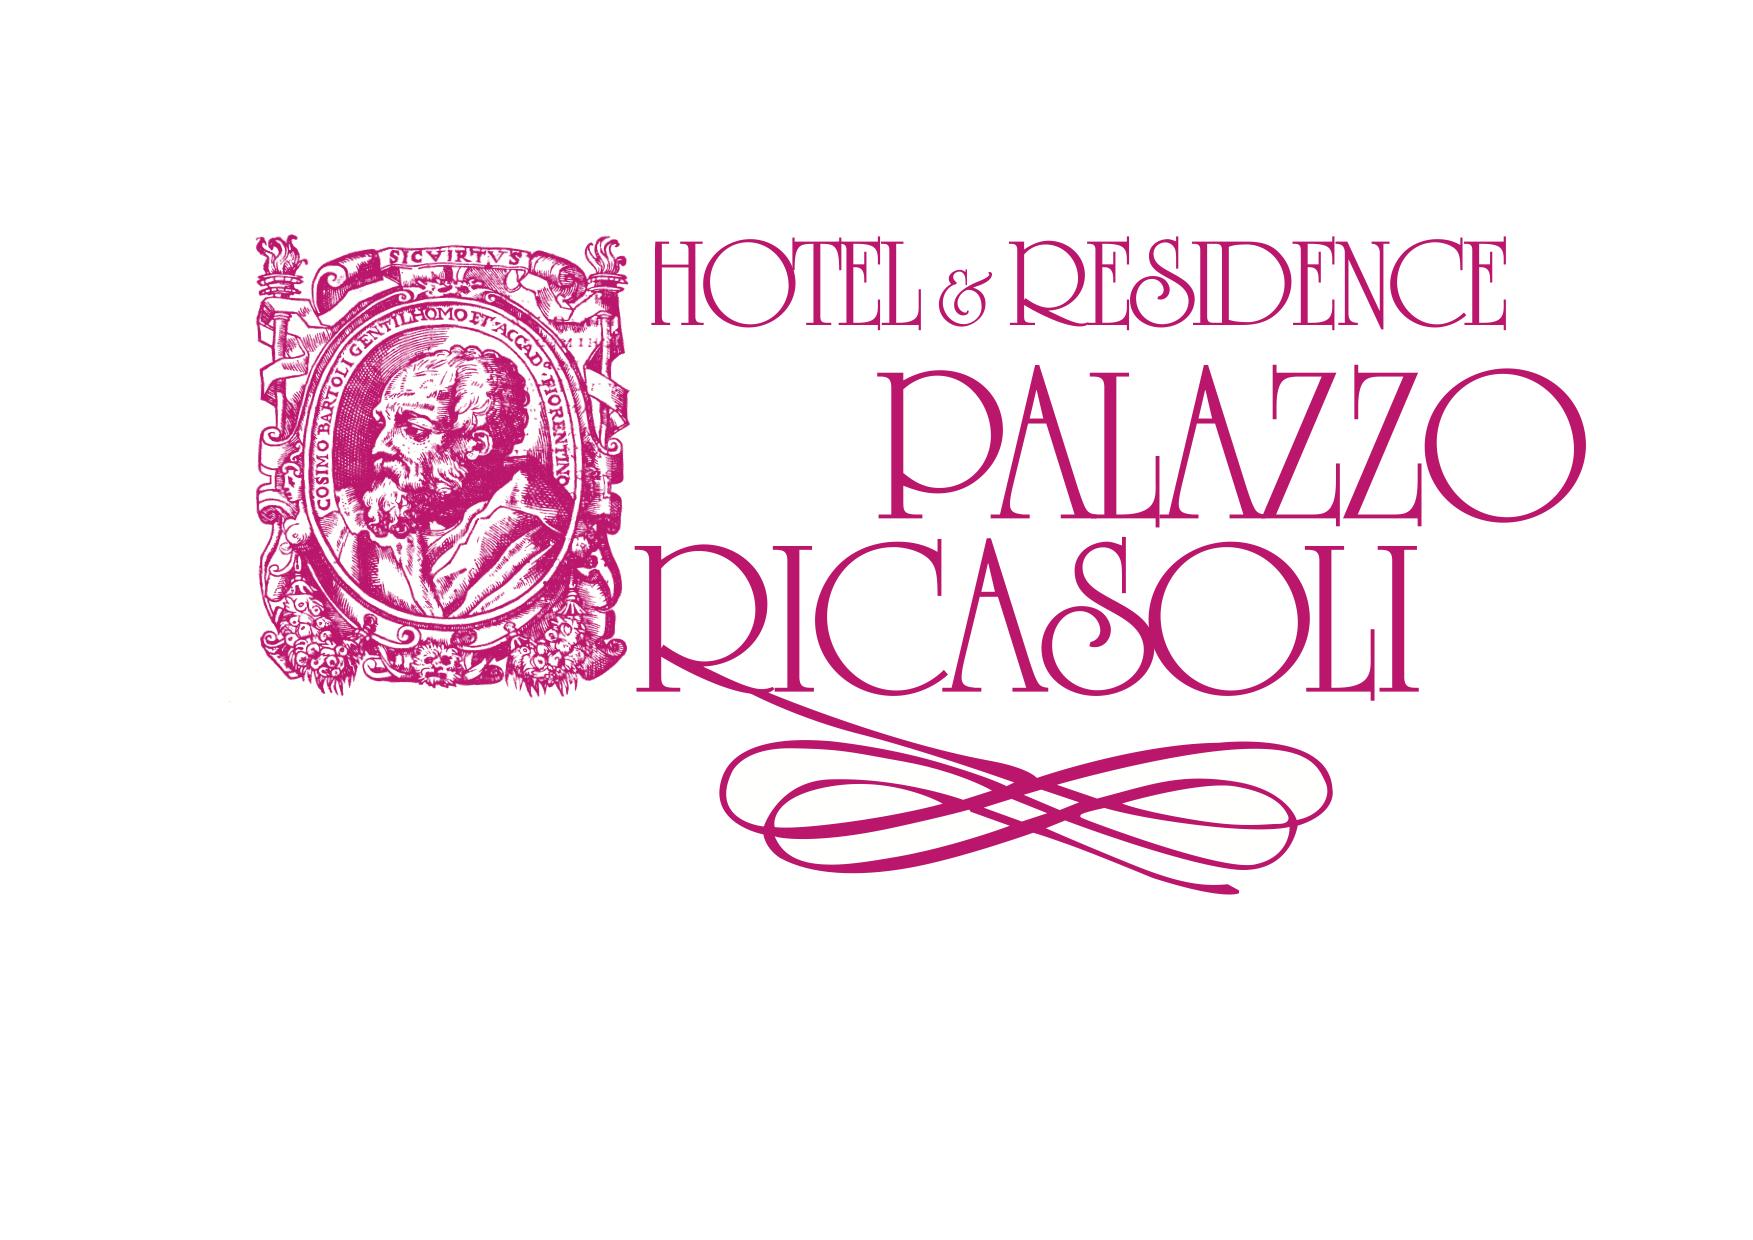 里卡索里豪华酒店